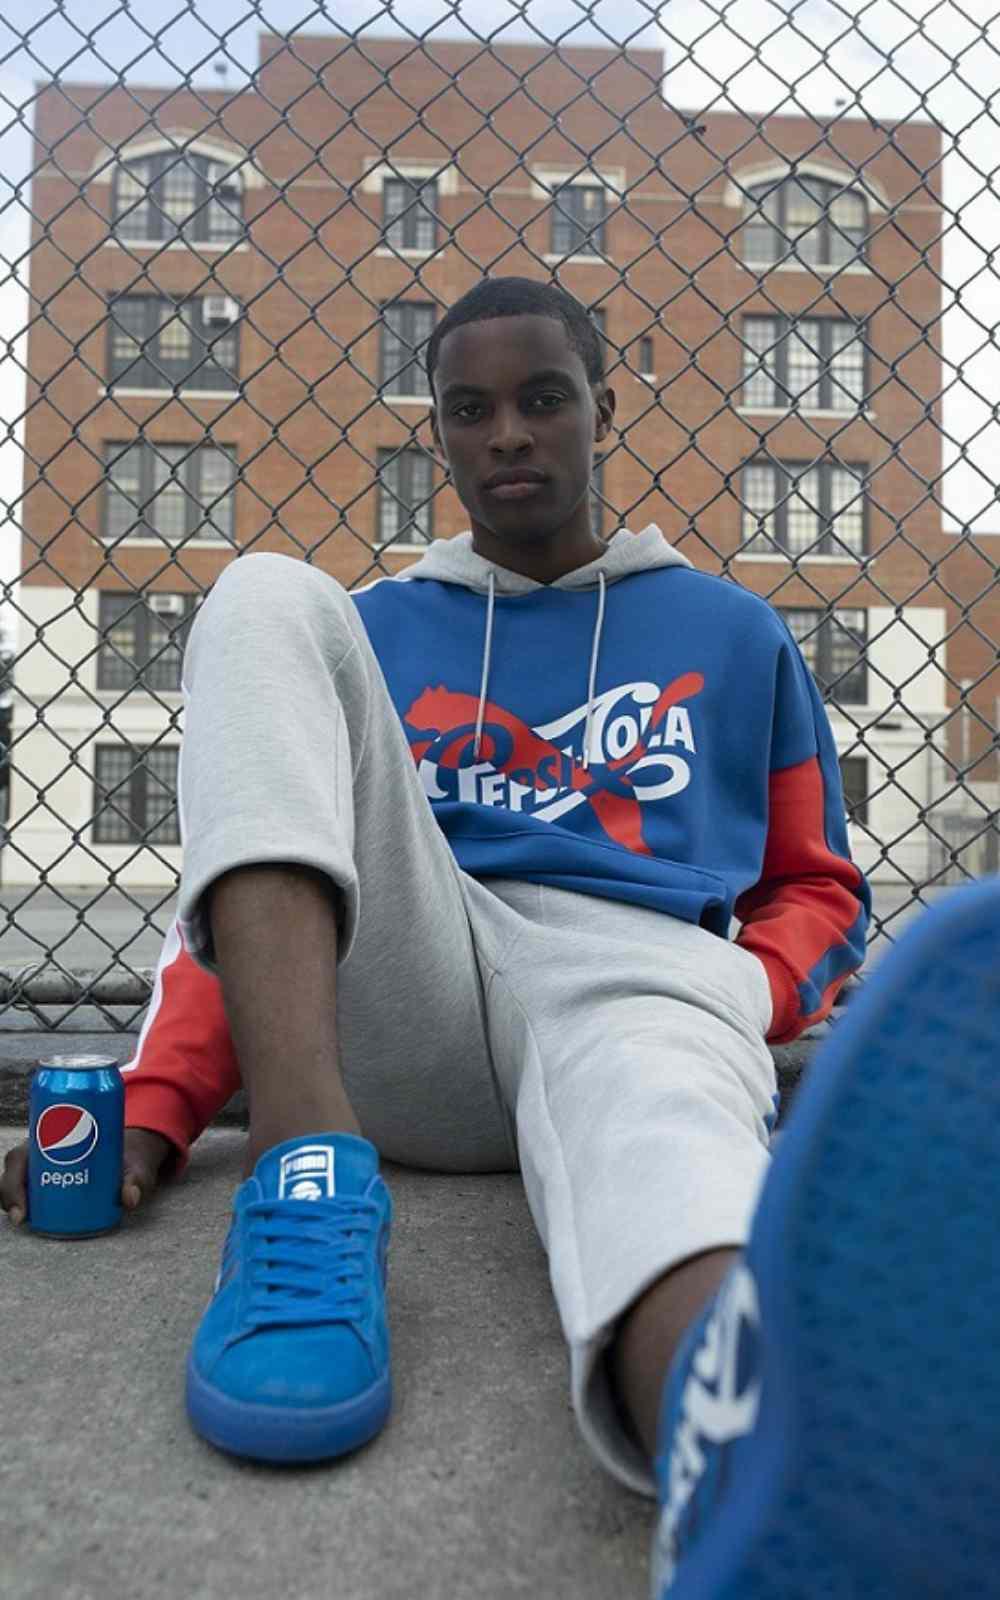 Suede 50 PUMA x Pepsi Cola - Suede 50 PUMA x Pepsi Cola 联手重塑50周年经典潮流